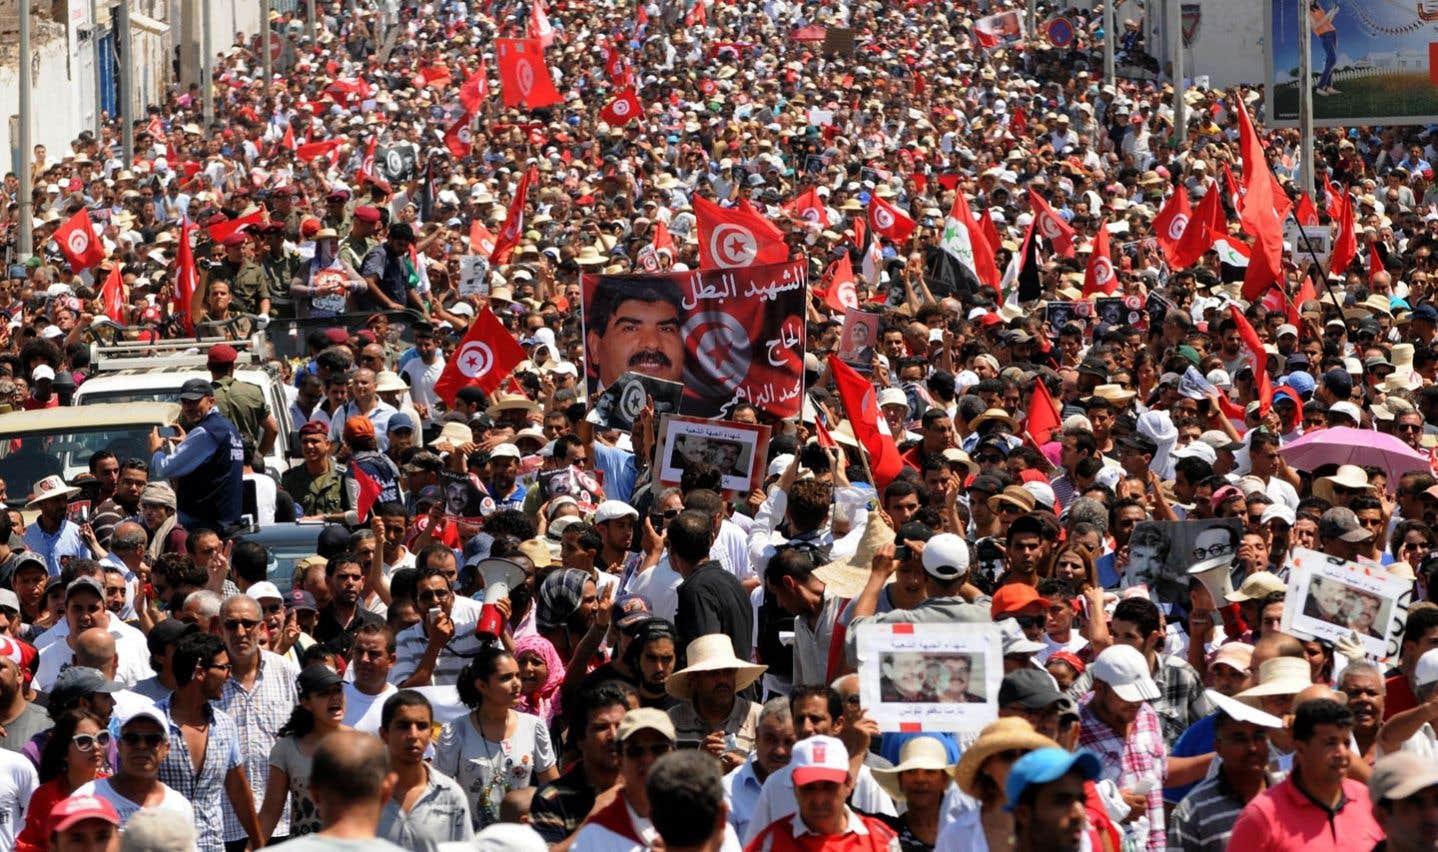 L'Égypte, la Tunisie et la Libye toujours en pleines turbulences